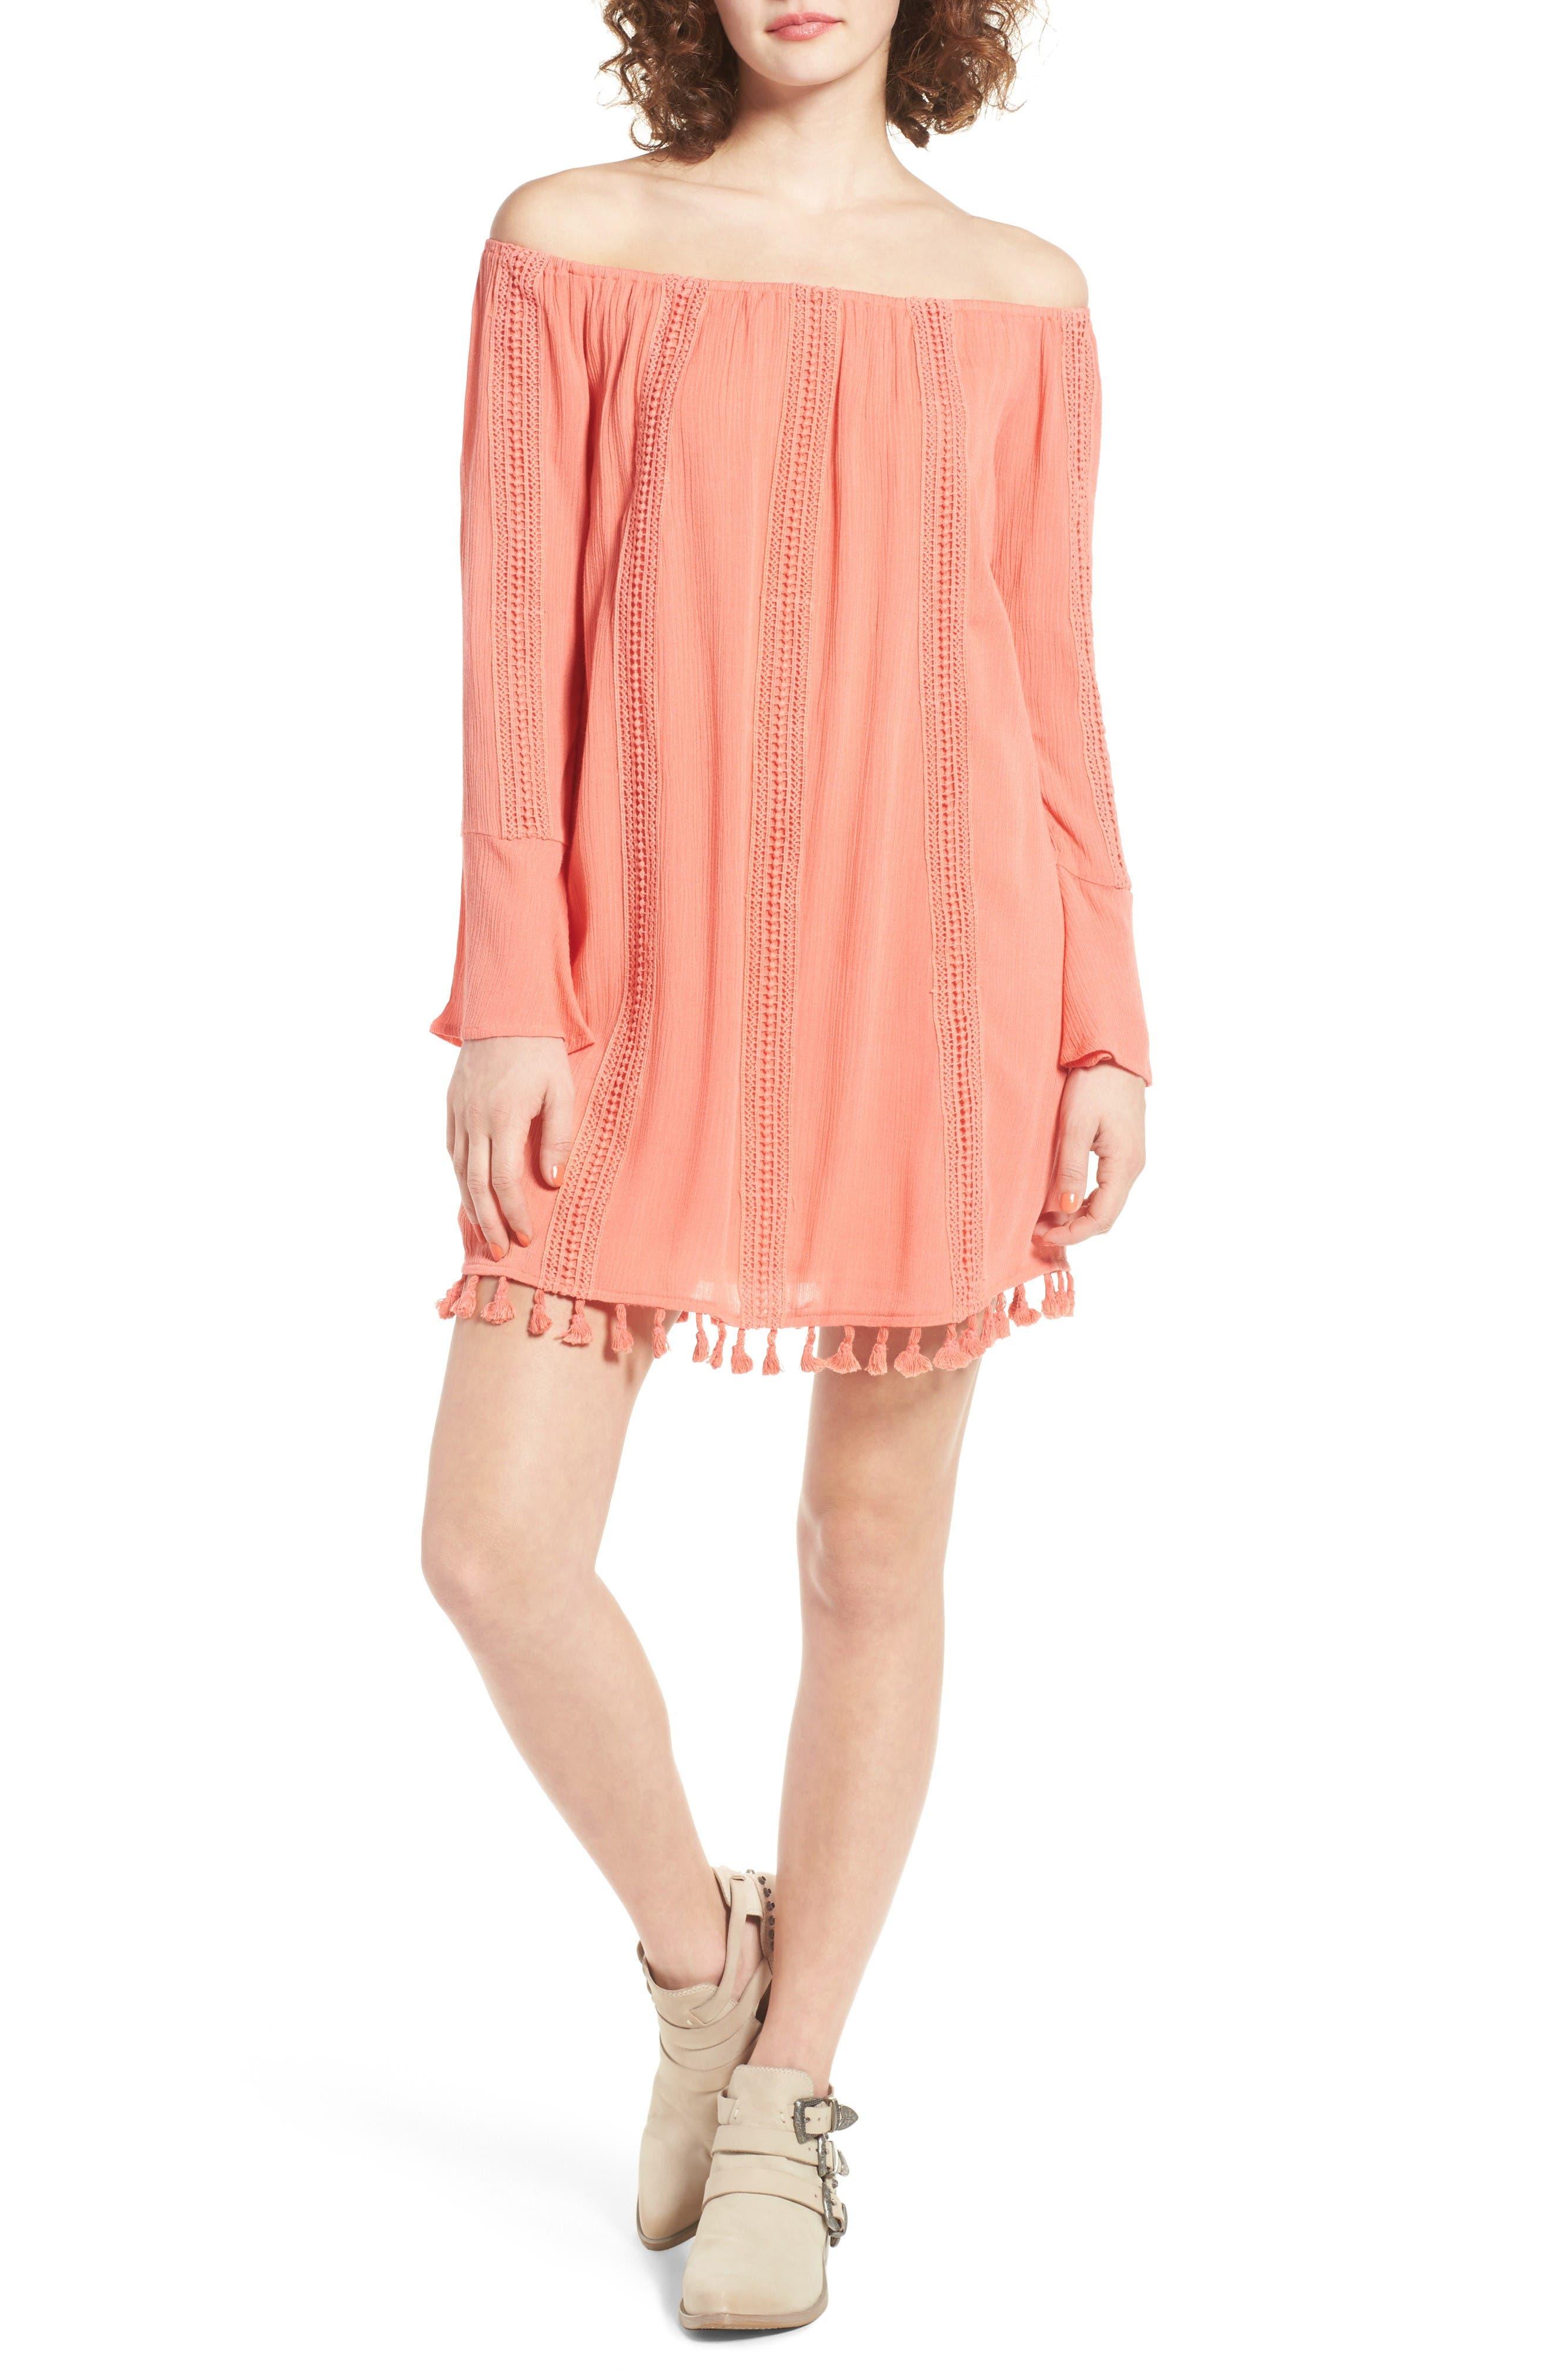 Main Image - Dee Elly Tassel Trim Off the Shoulder Dress